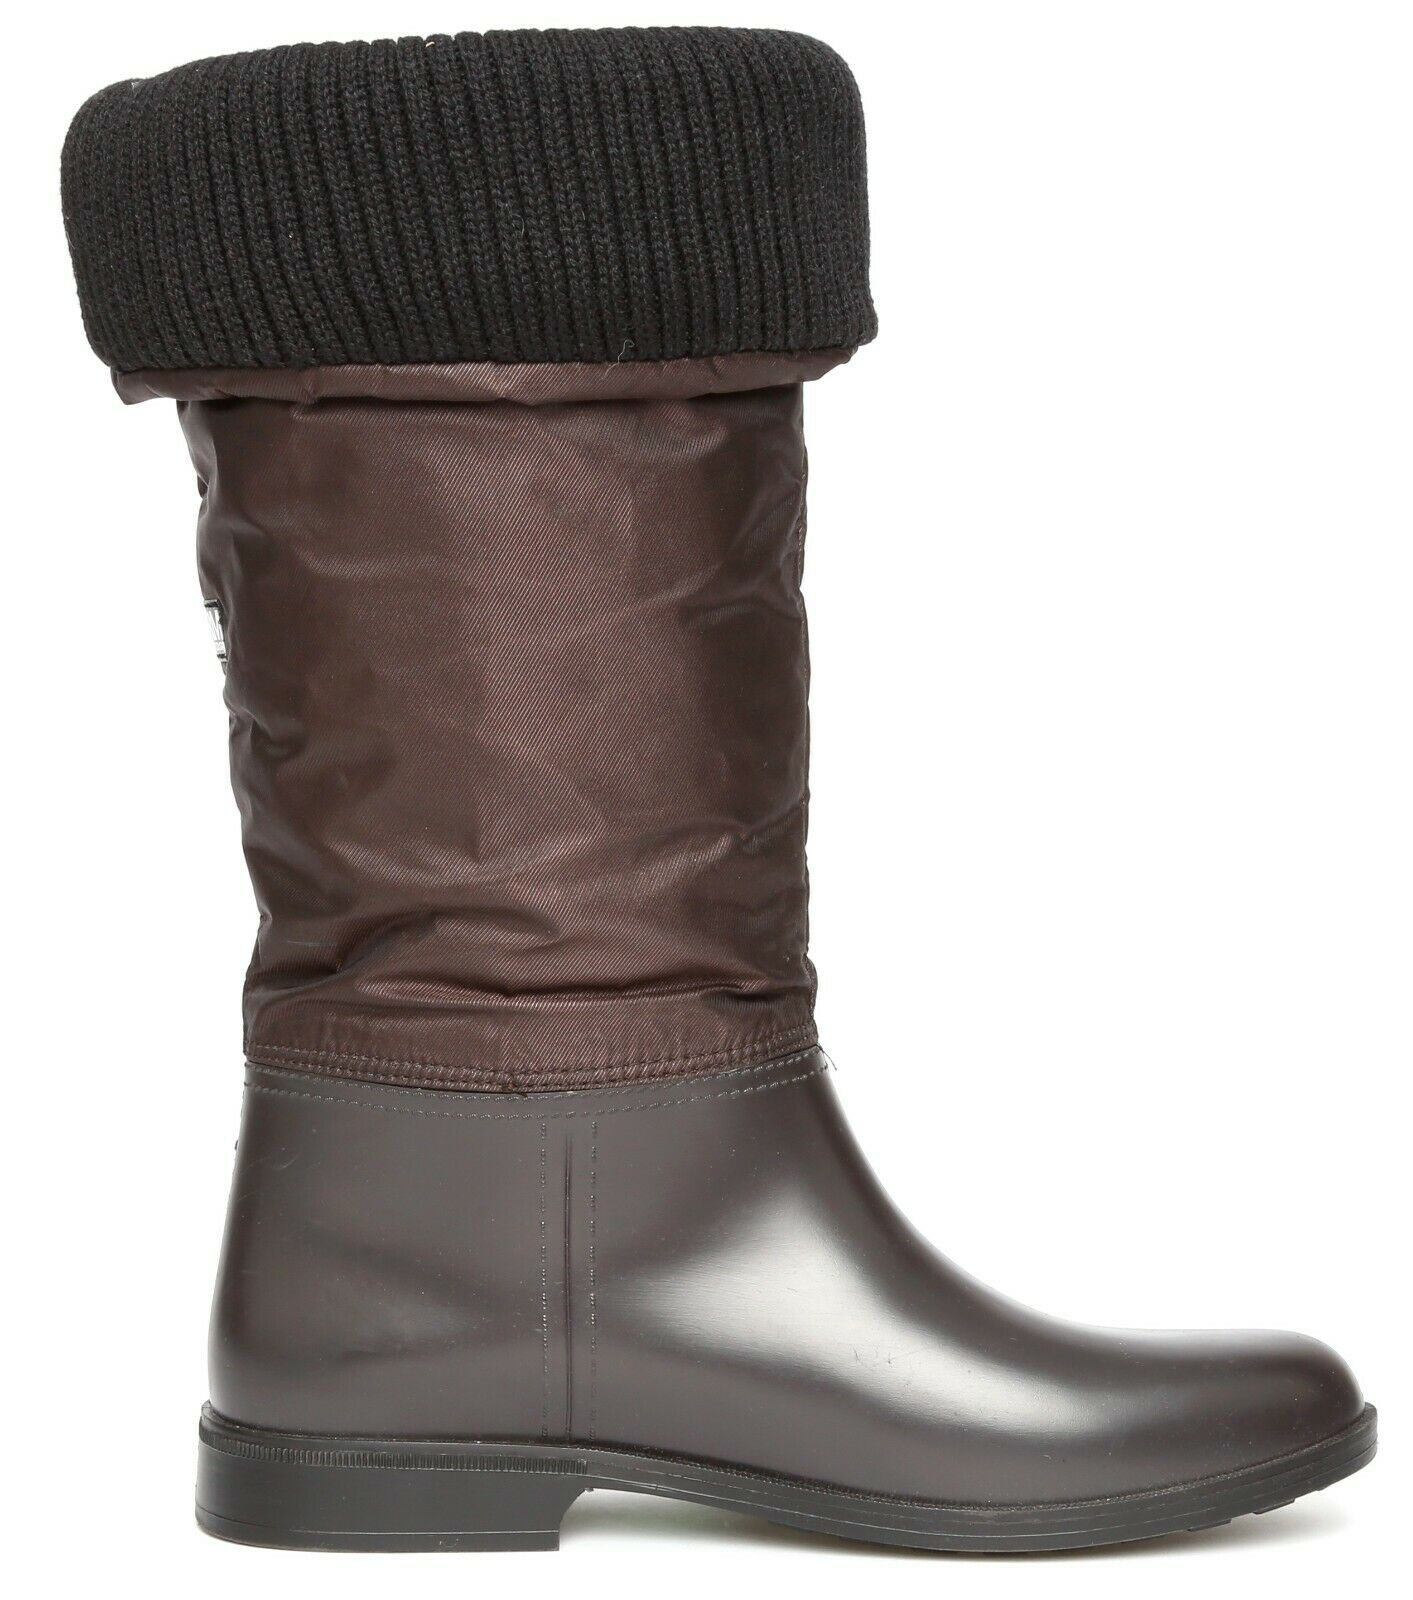 Storm By Cougar Womens Dark Dark Dark Brown Stowe Boots Sz 11 8007  892a17